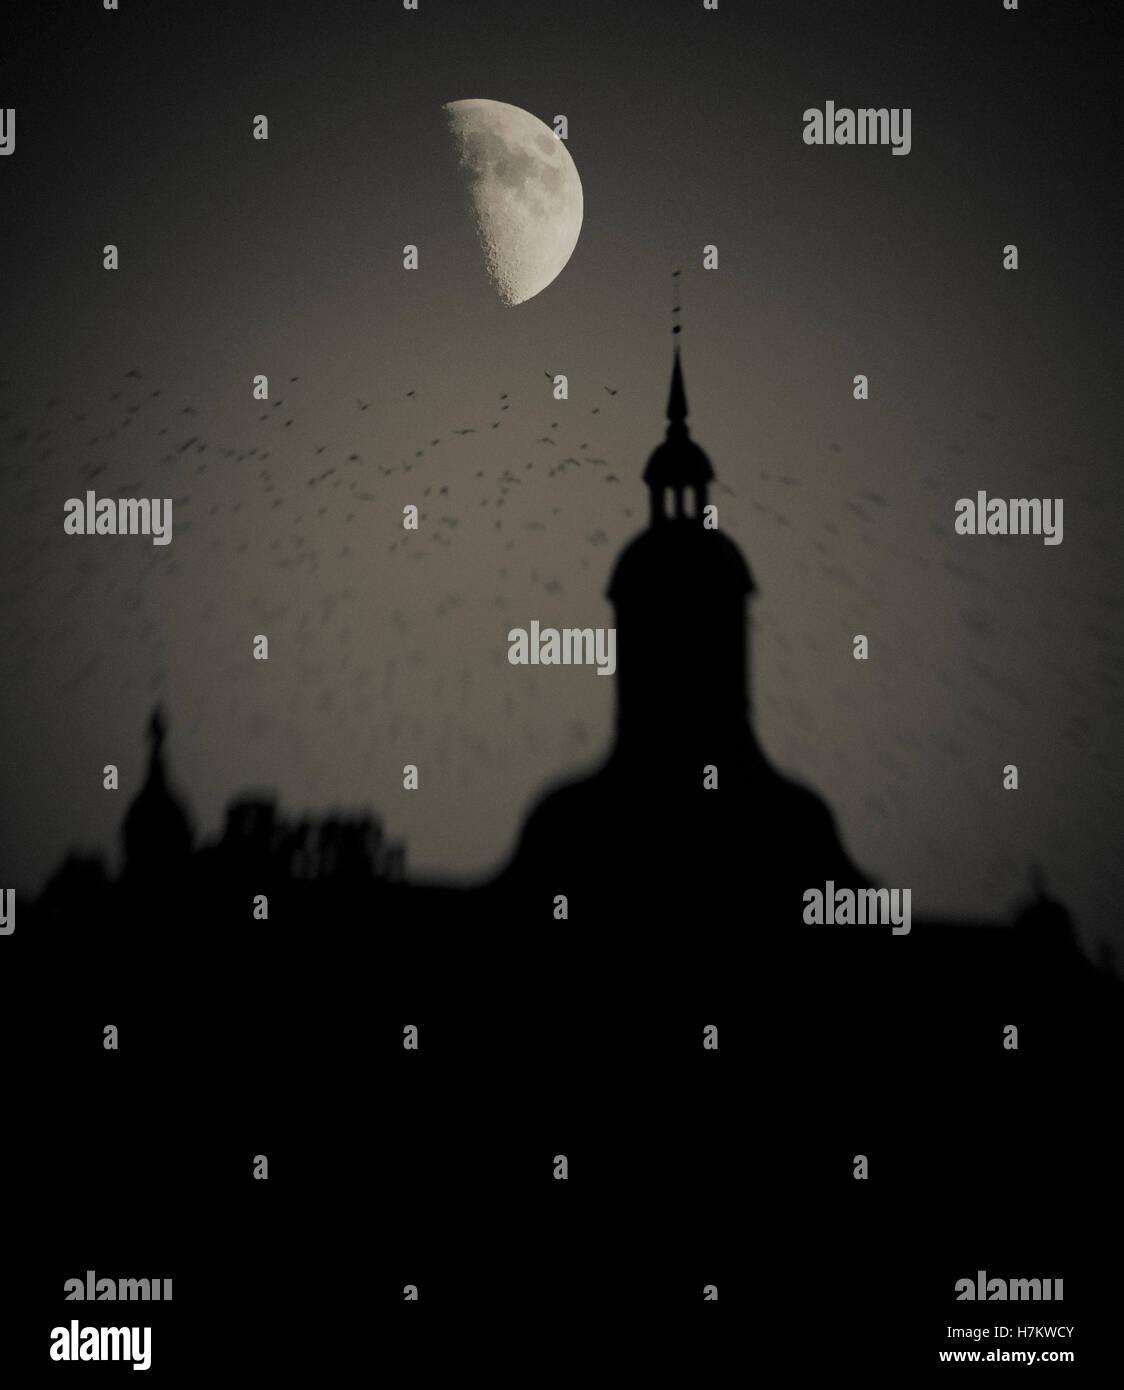 Bandada de aves volando pasado edificio de noche con media luna en el fondo. Oscuro, Moody y espeluznante con la Foto de stock